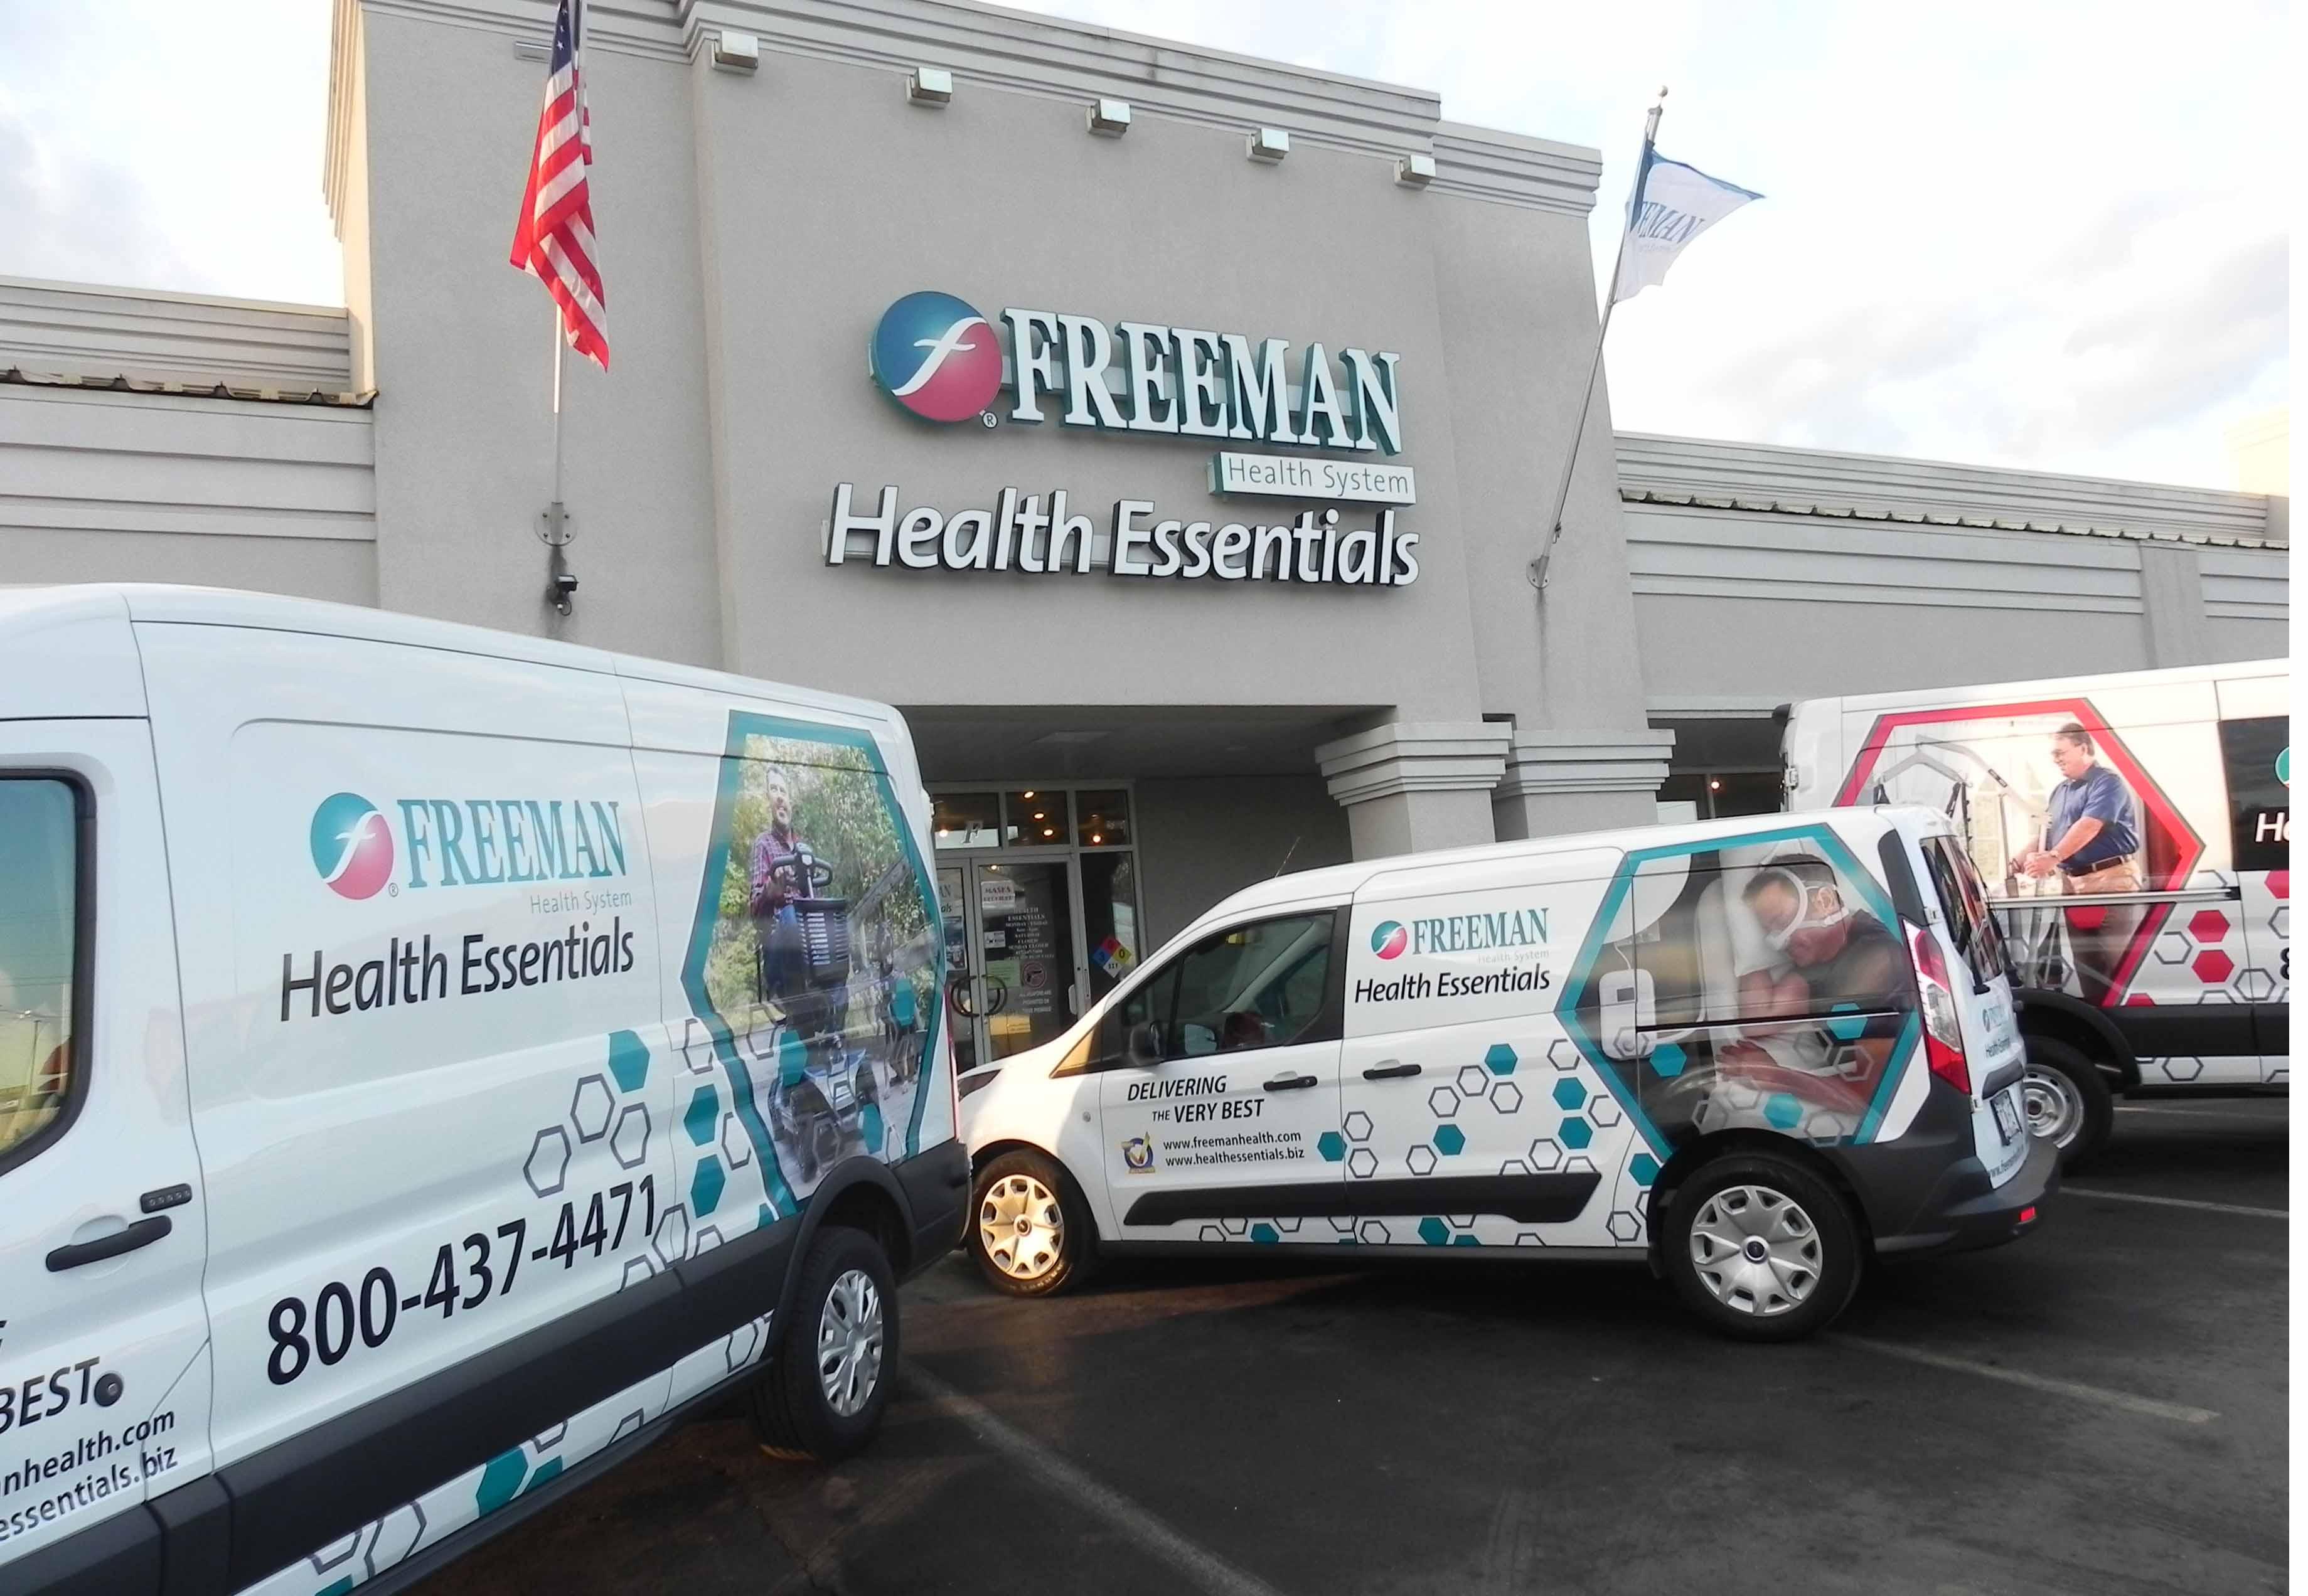 Health Essentials with vans